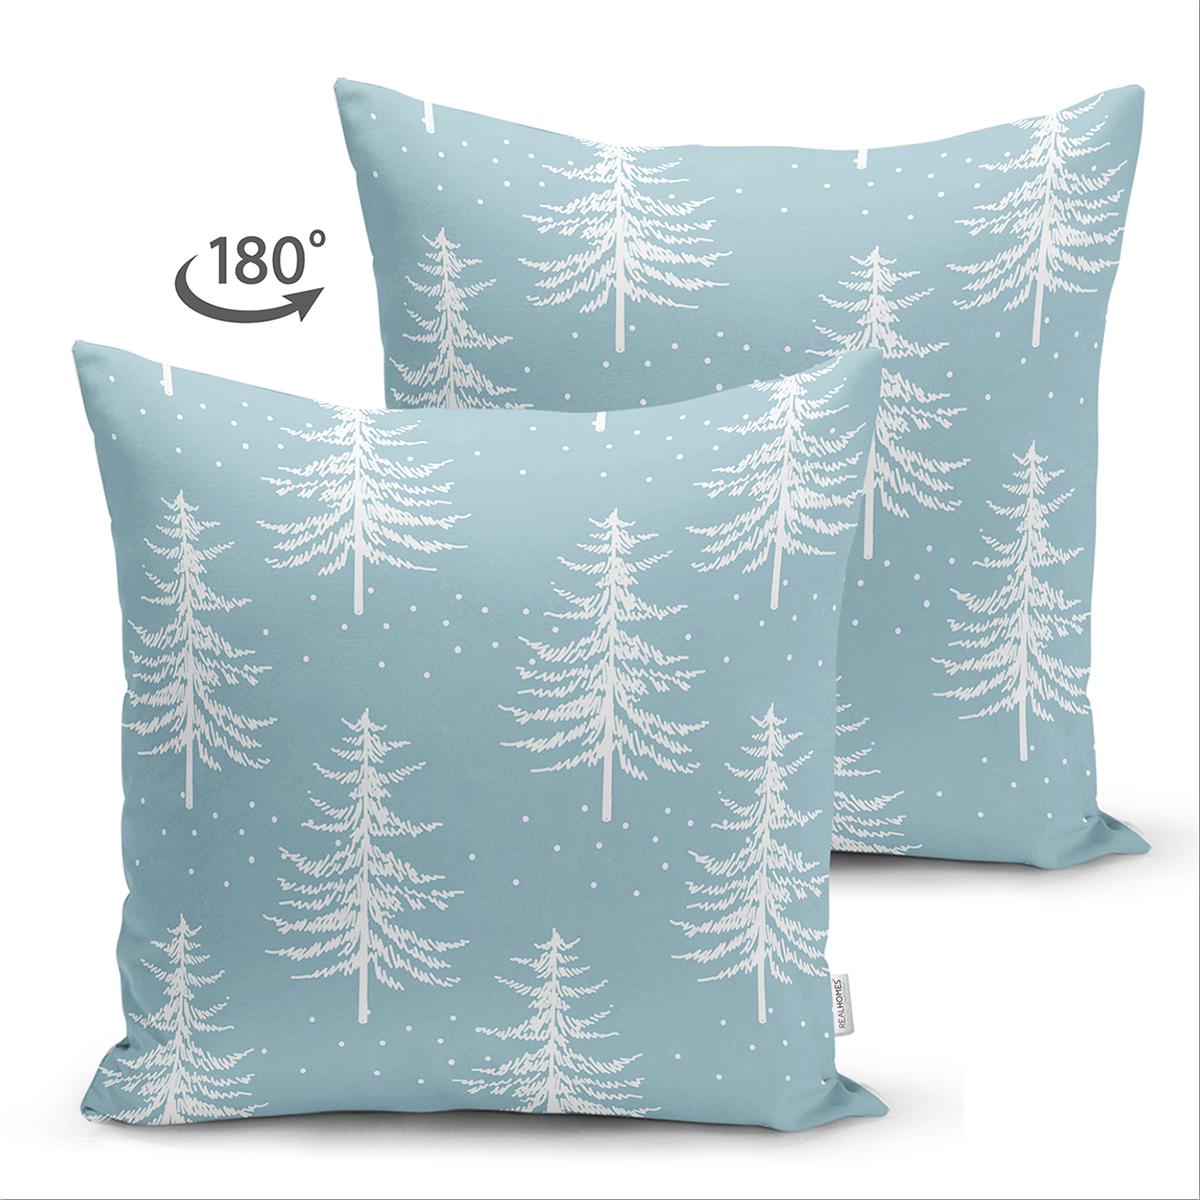 Çift Taraflı Renkli Zemin Üzerinde Beyaz Çam Ağacı Desenli Dijital Baskılı Modern Süet Yastık Kılıfı Realhomes